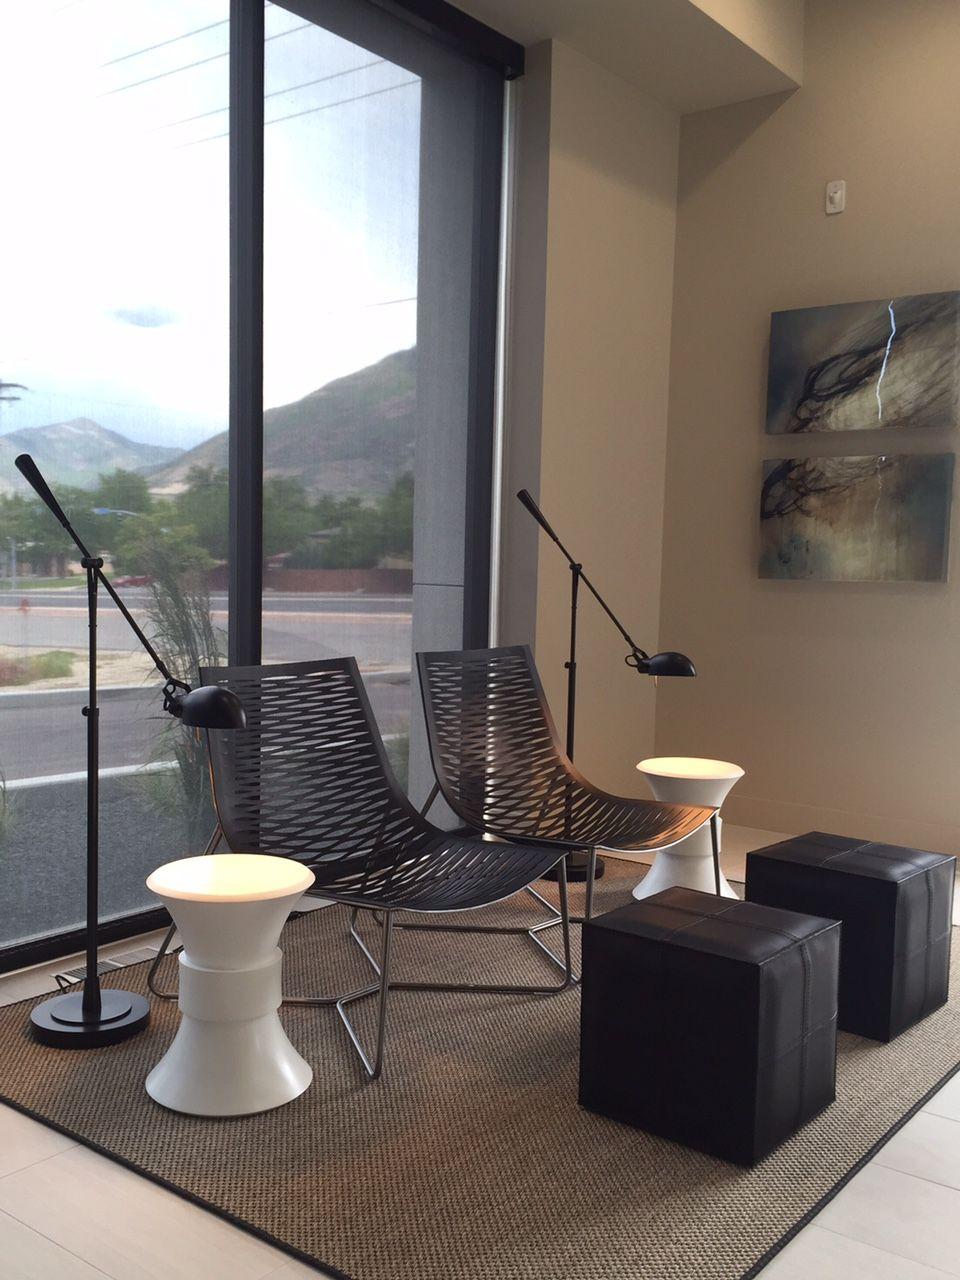 Enjoyable Modloft York Lounge Chairs Dacre Cubes Black Leather Machost Co Dining Chair Design Ideas Machostcouk